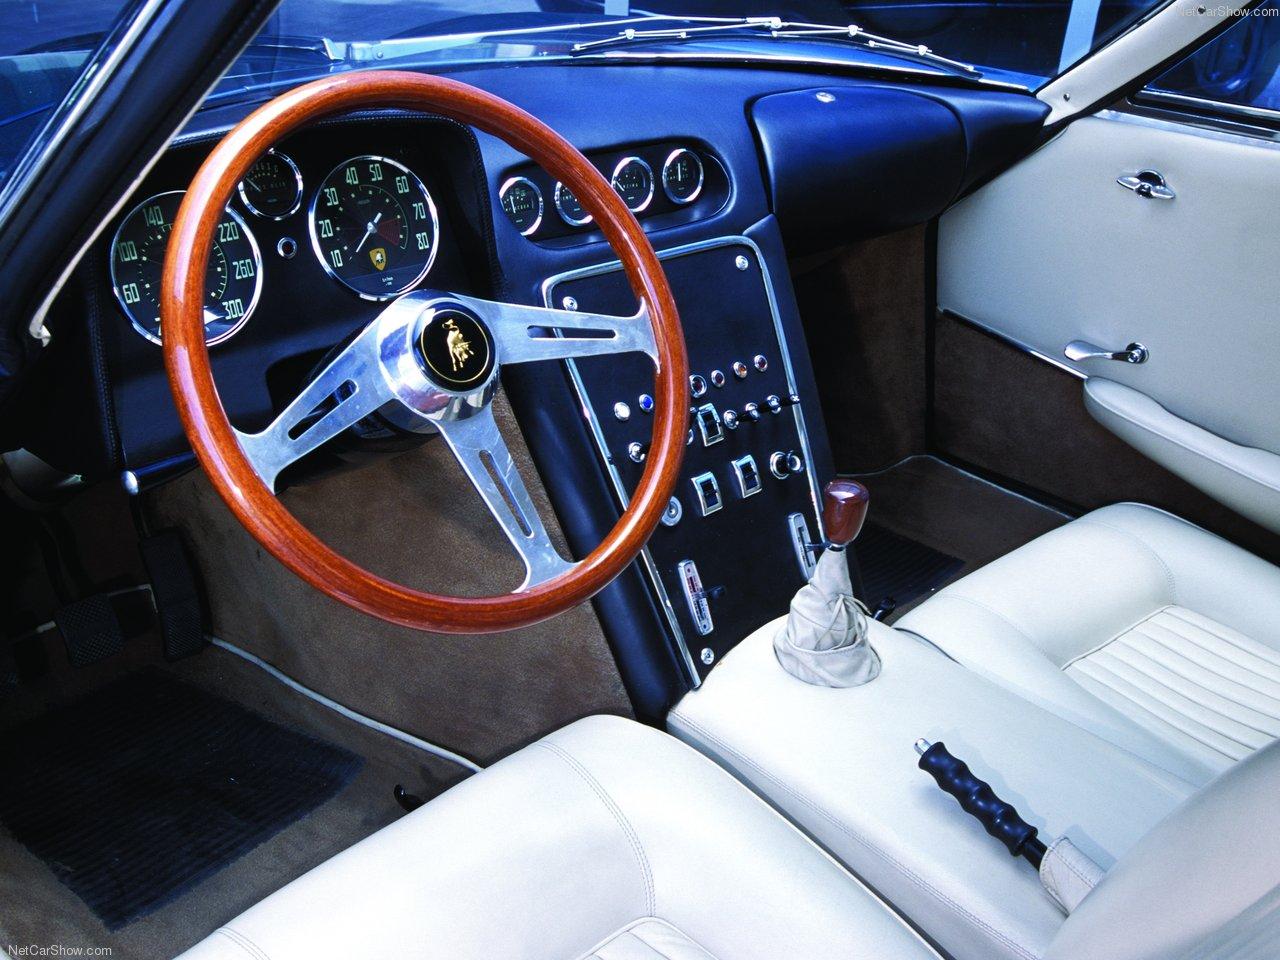 1963 Lamborghini 350GTV Interior PHOTO: netcarshow